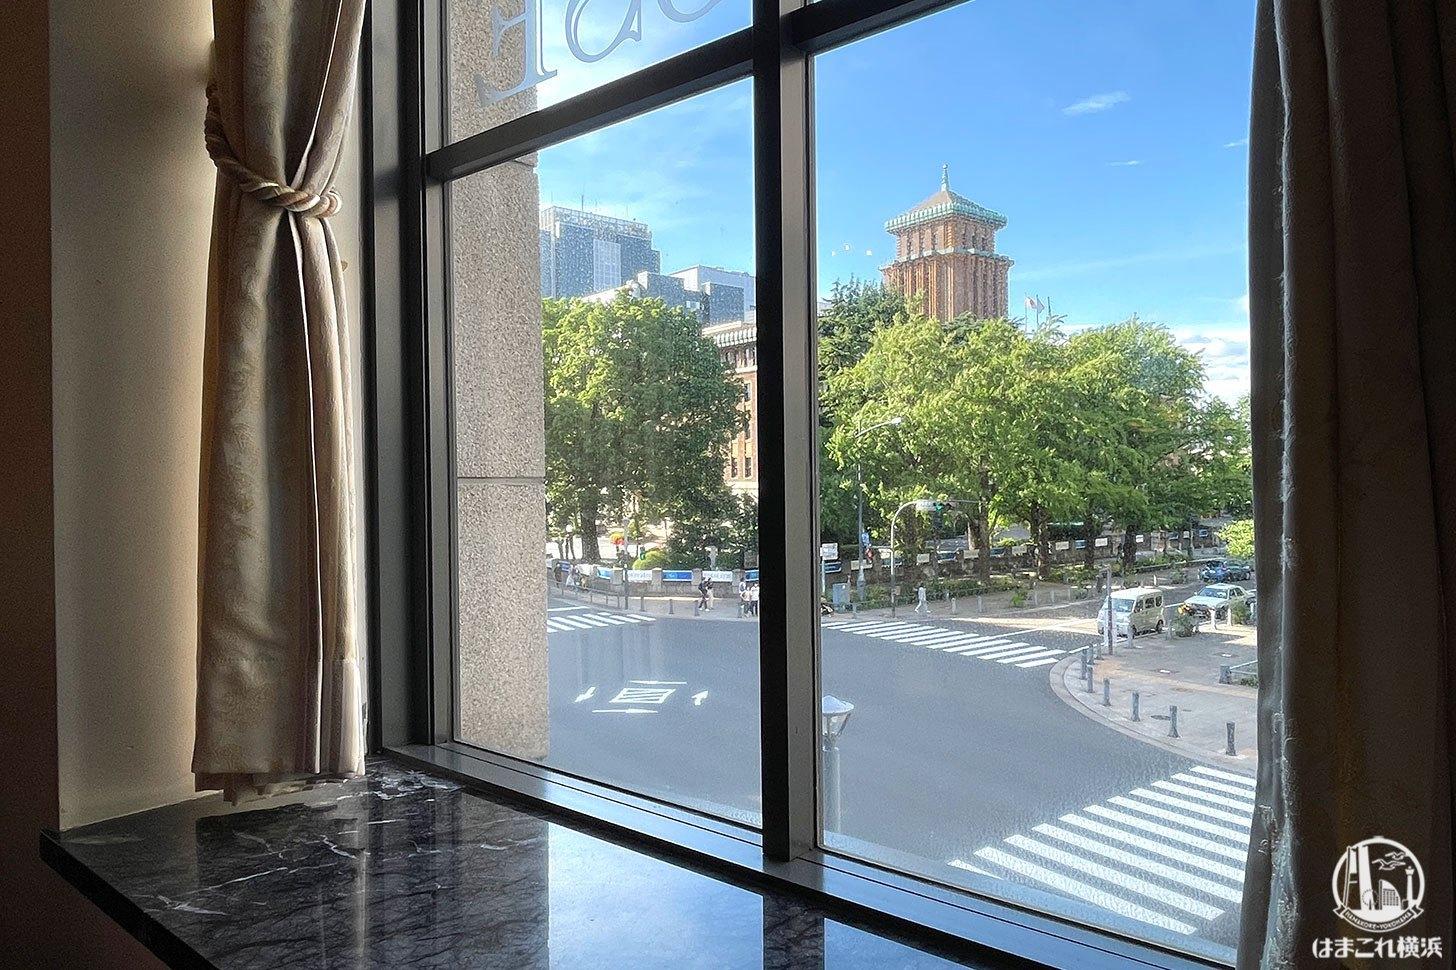 カフェドゥラプレスの窓から見える景色